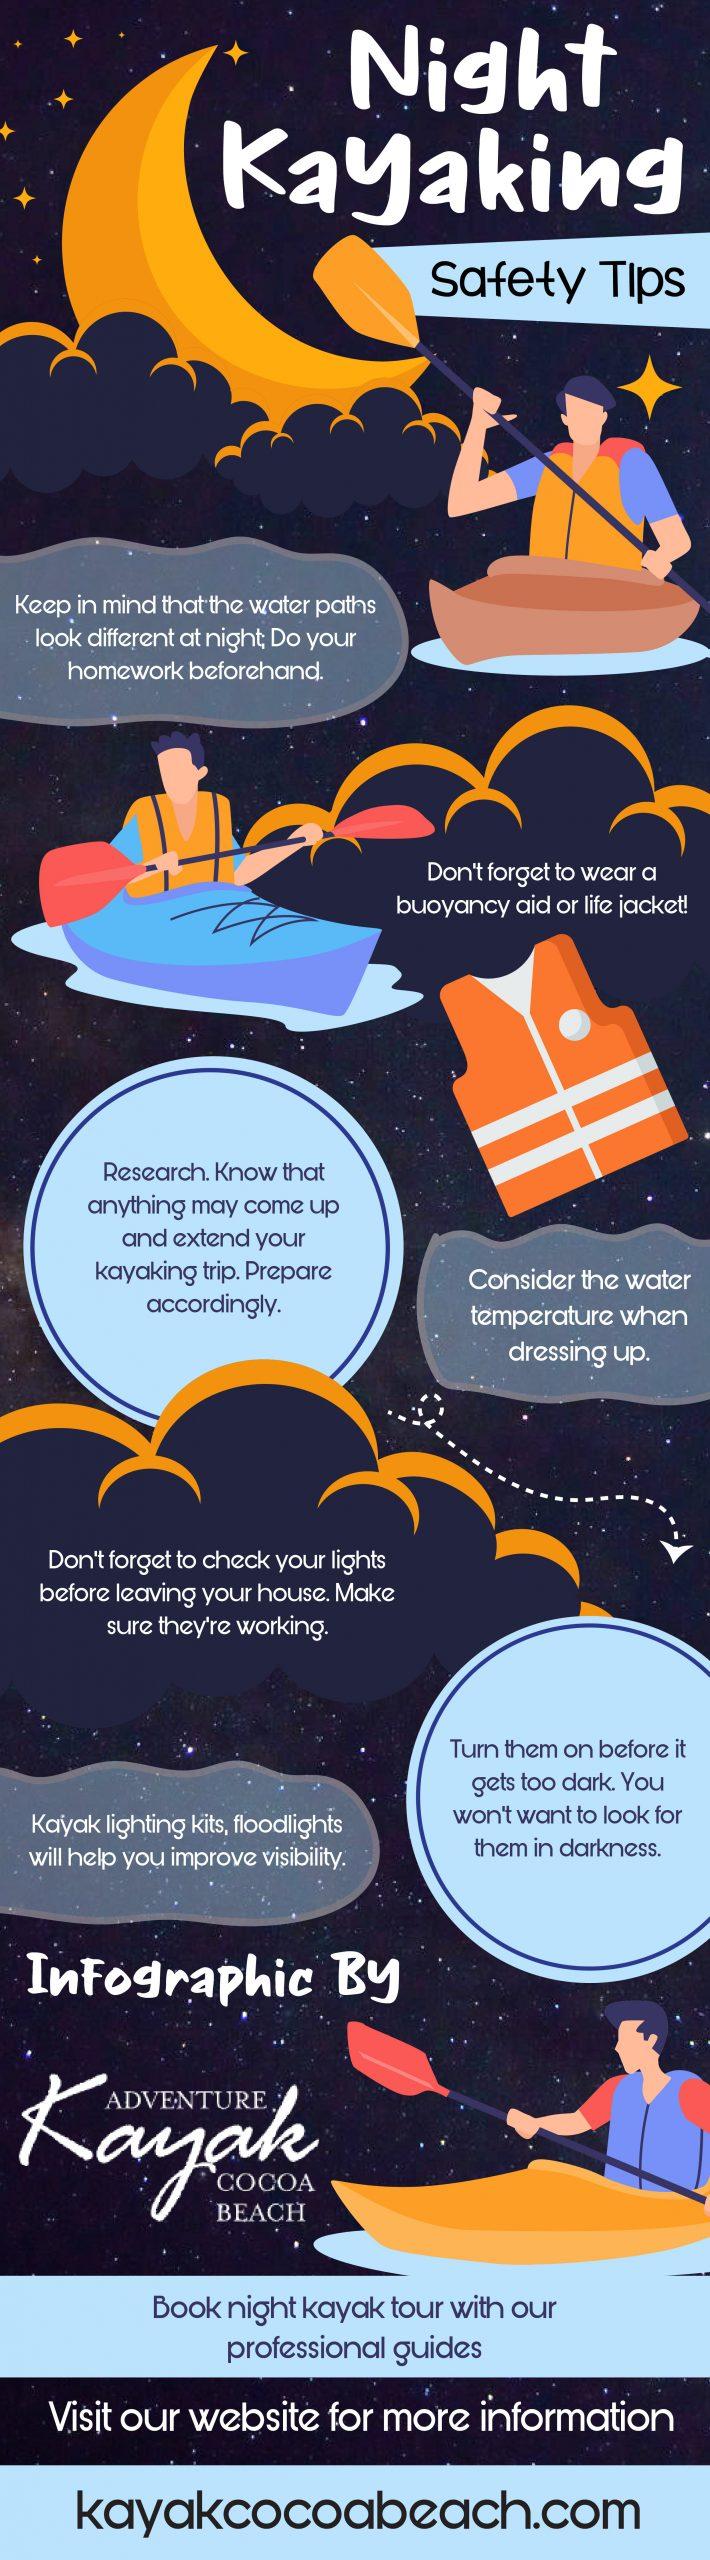 Night Kayaking Safety Tips